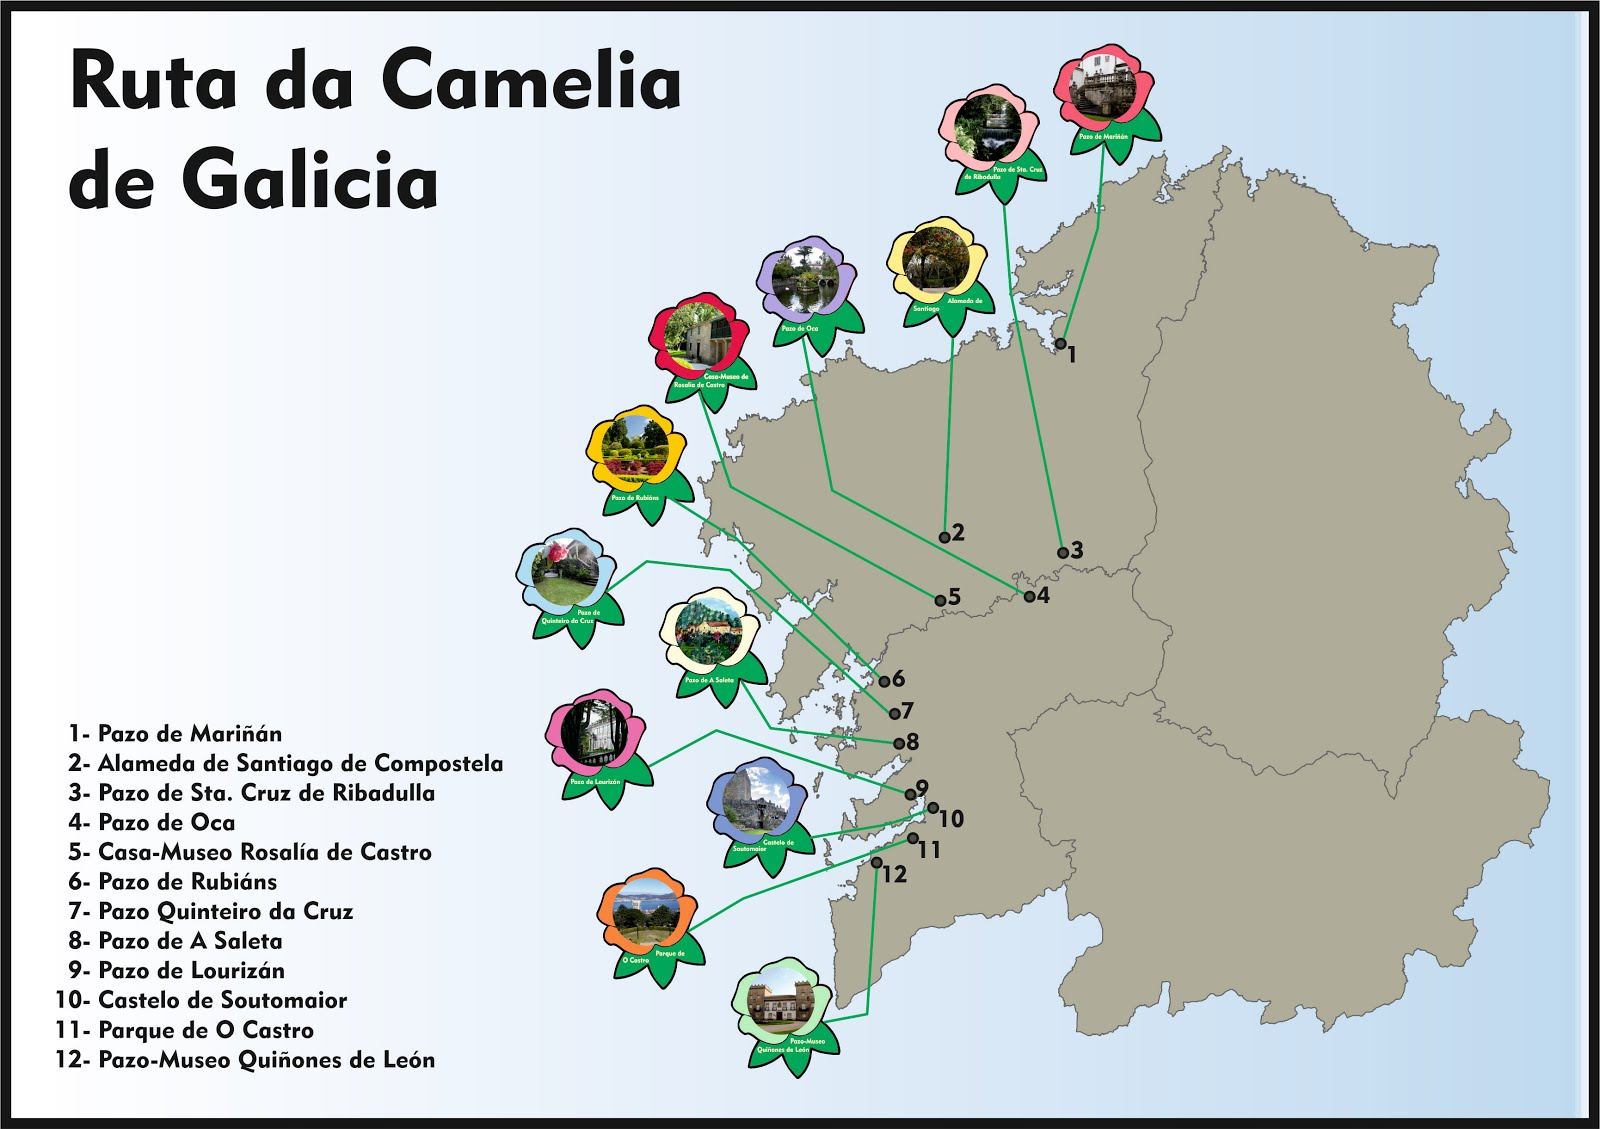 Ruta da Camelia